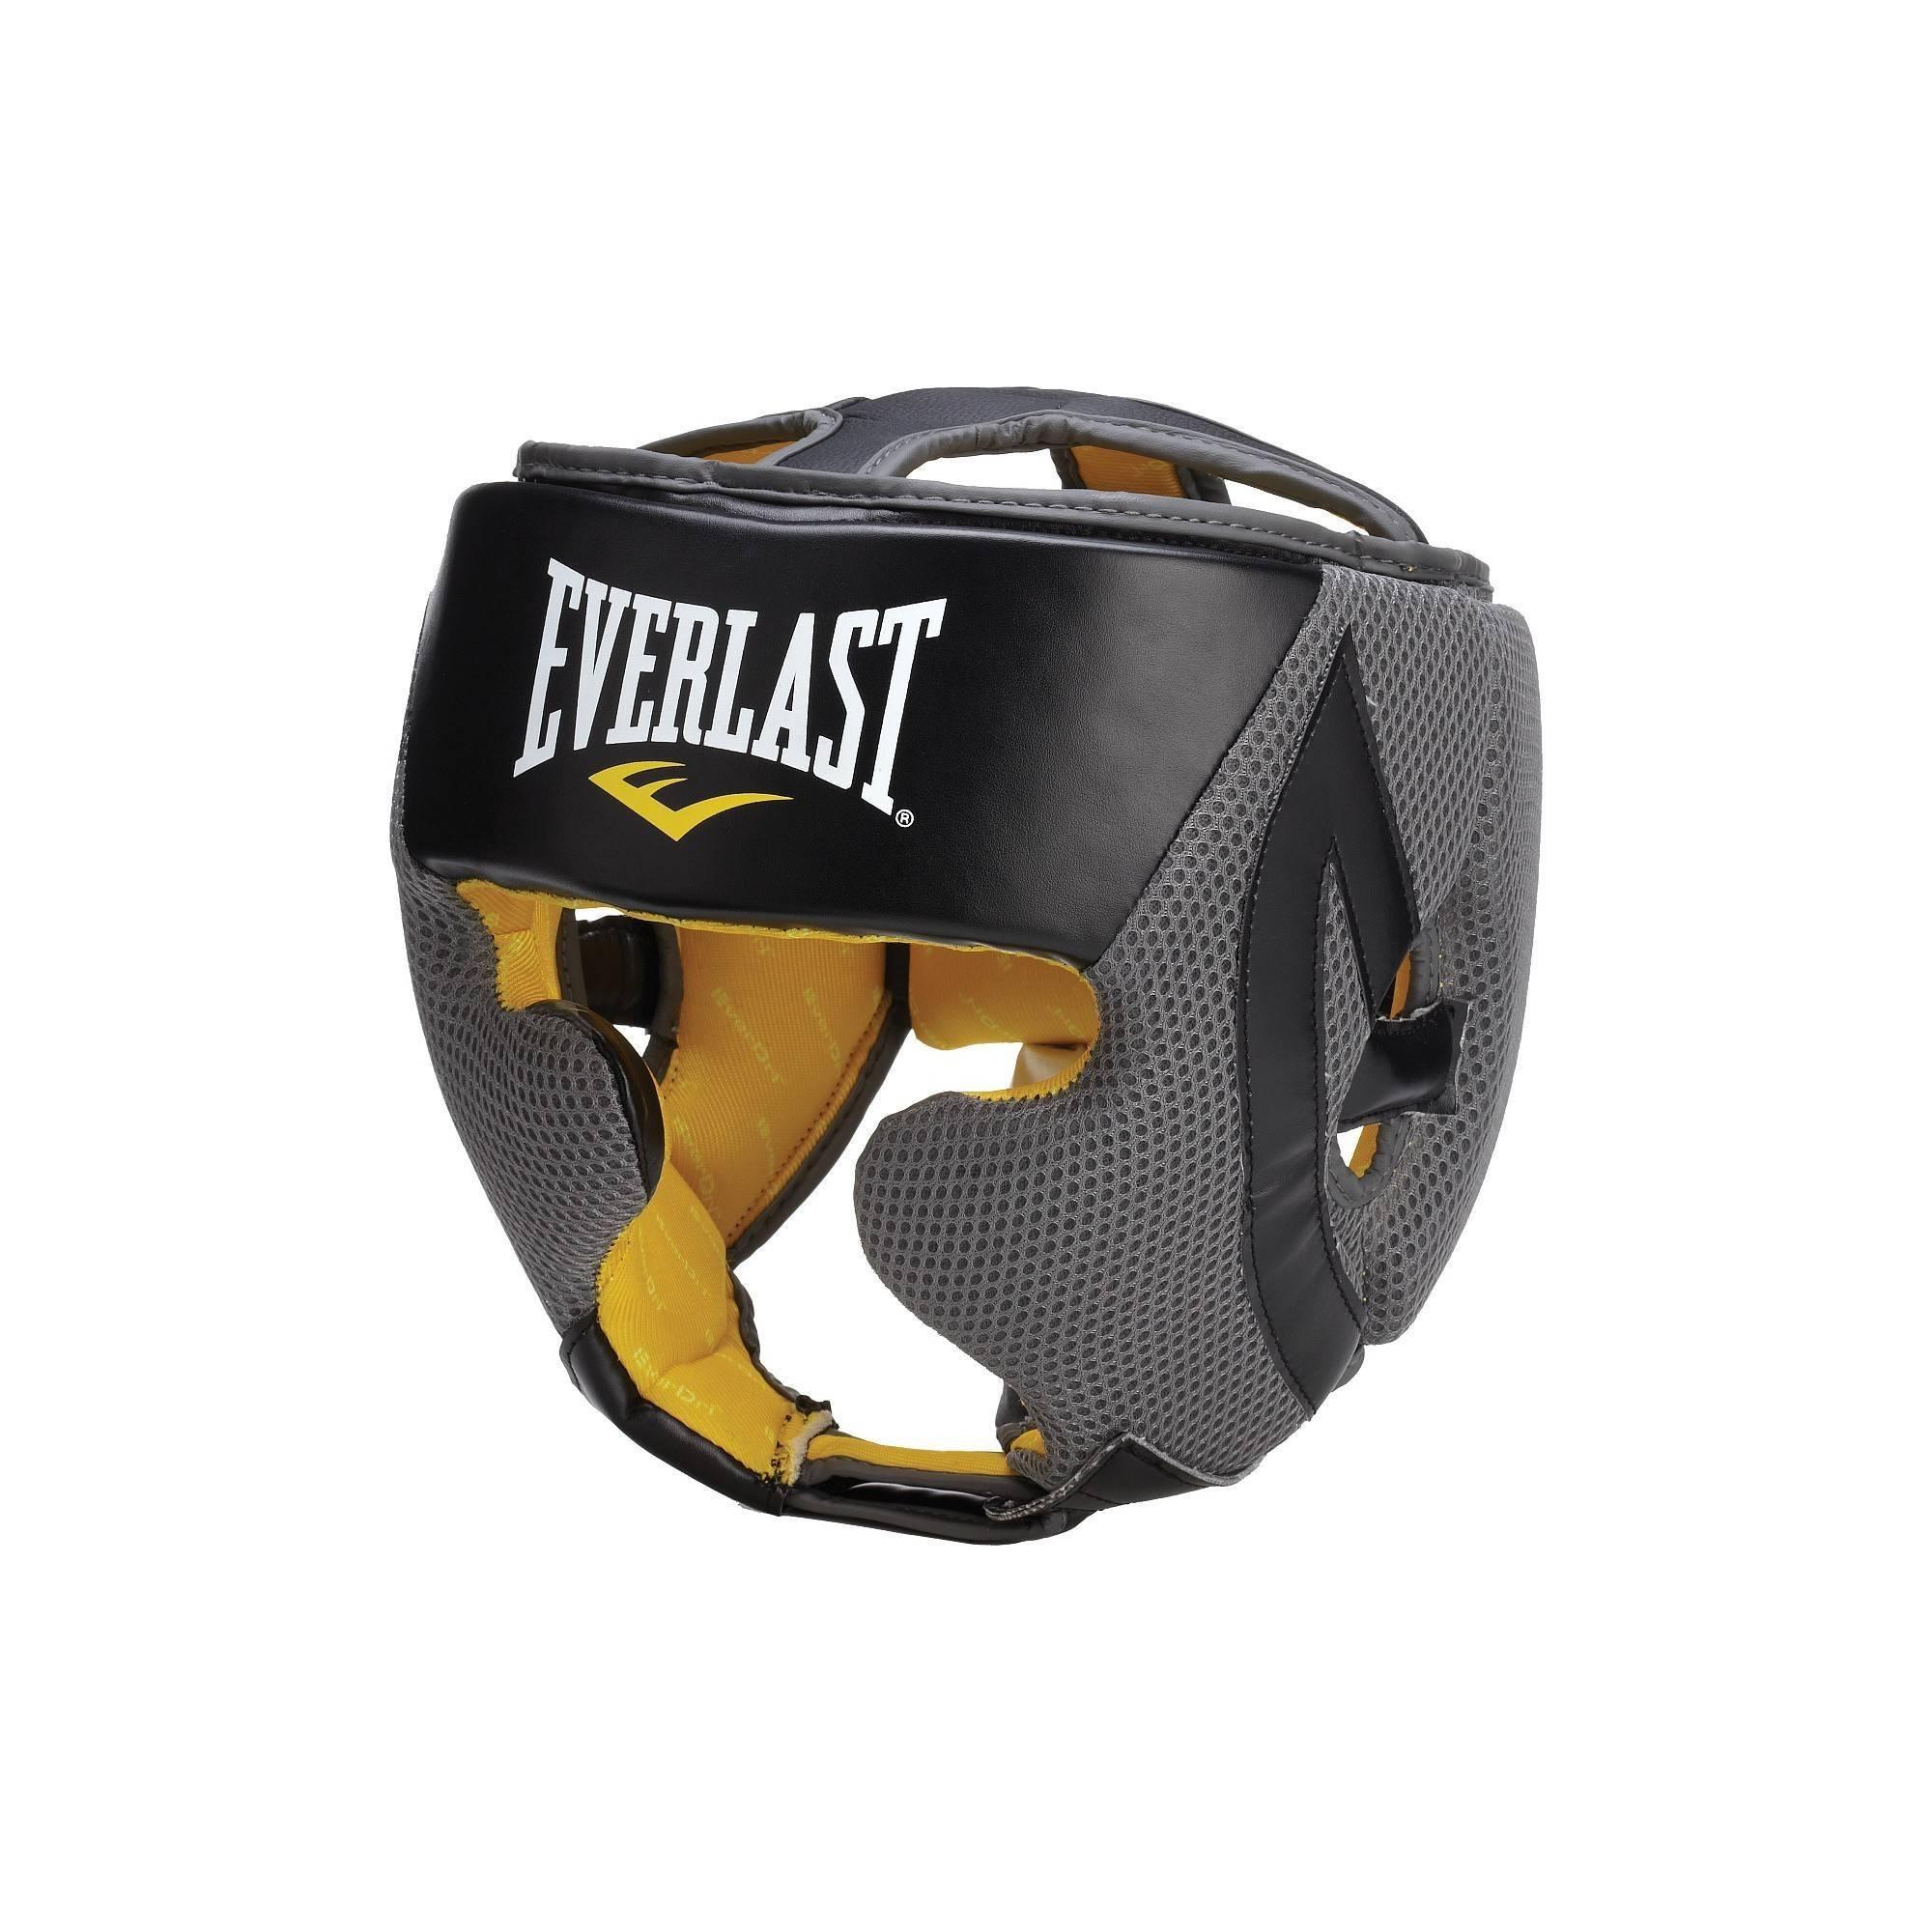 Kask bokserski treningowy Everlast Evercool level III | EVH4044 Everlast - 1 | klubfitness.pl